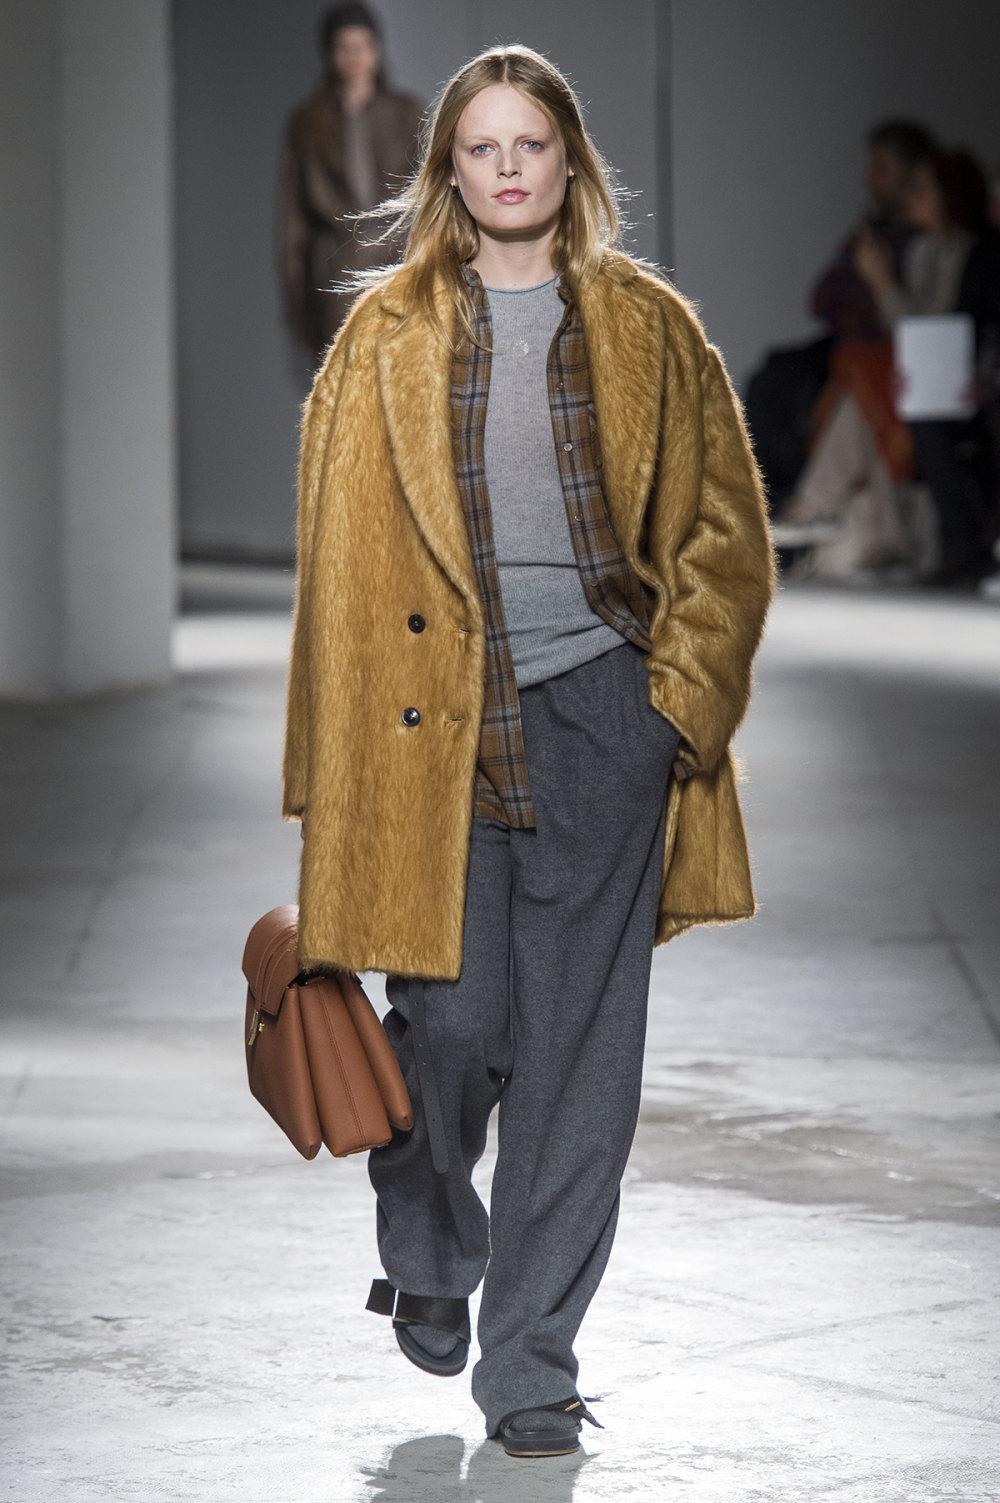 Agnona时装系列有纹理外套长而瘦有些穿着浴袍宽腿裤套装有巧克力-13.jpg